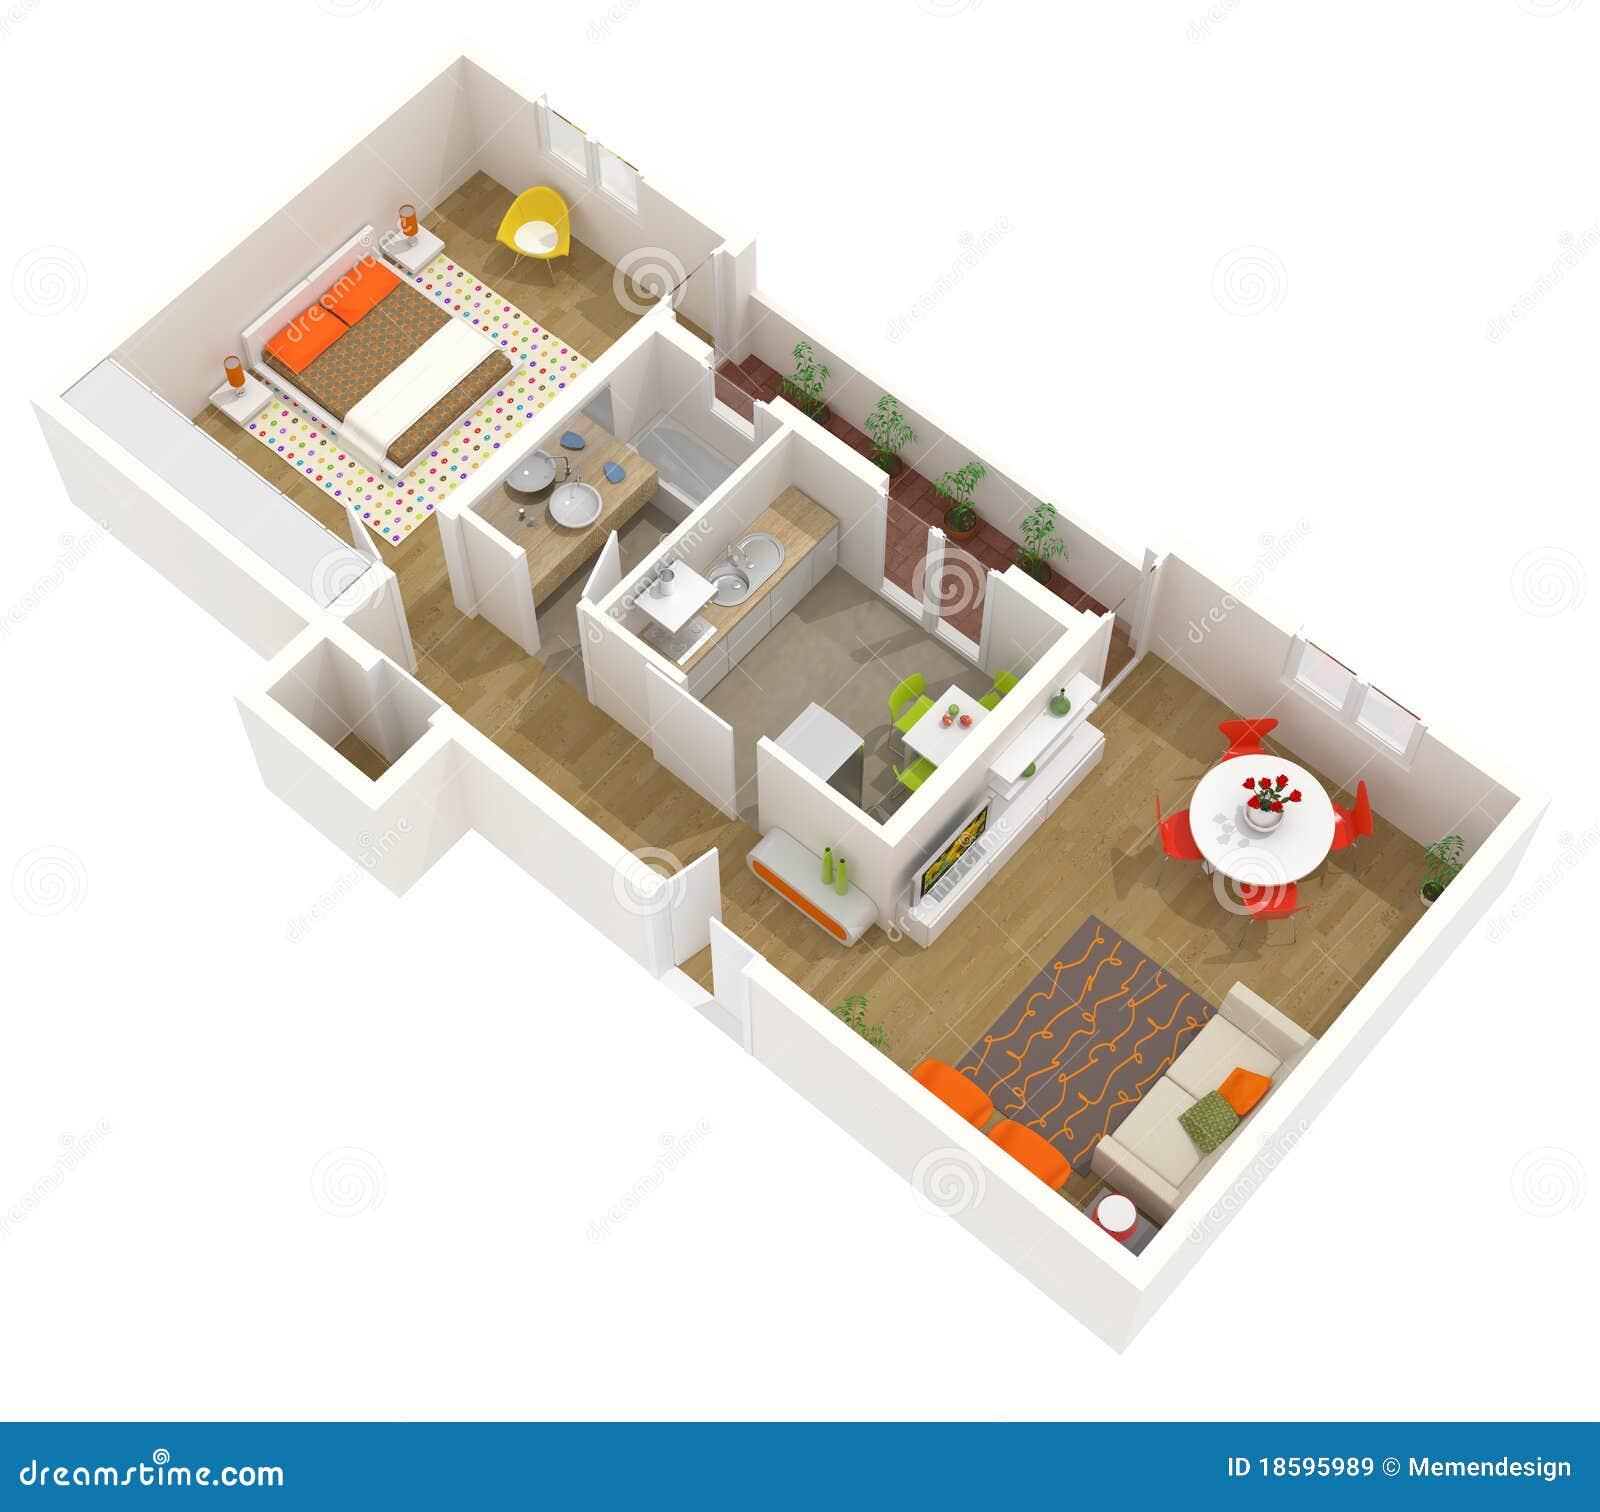 Conception int rieure d 39 appartement plan de l 39 tage 3d for Conception plan 3d